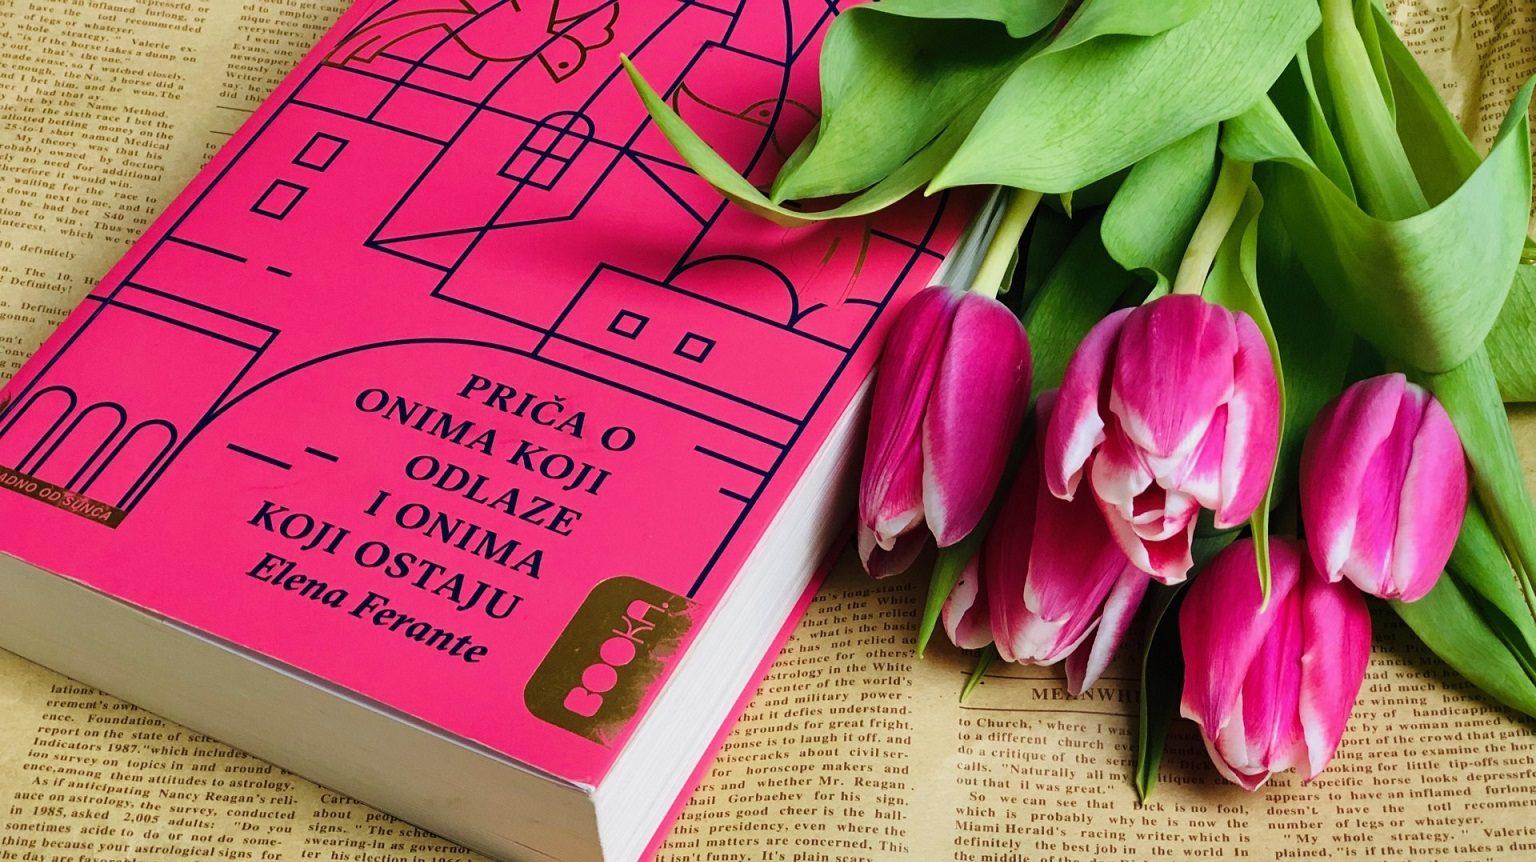 Elena Ferrante: Priča o onima koji odlaze i onima koji ostaju